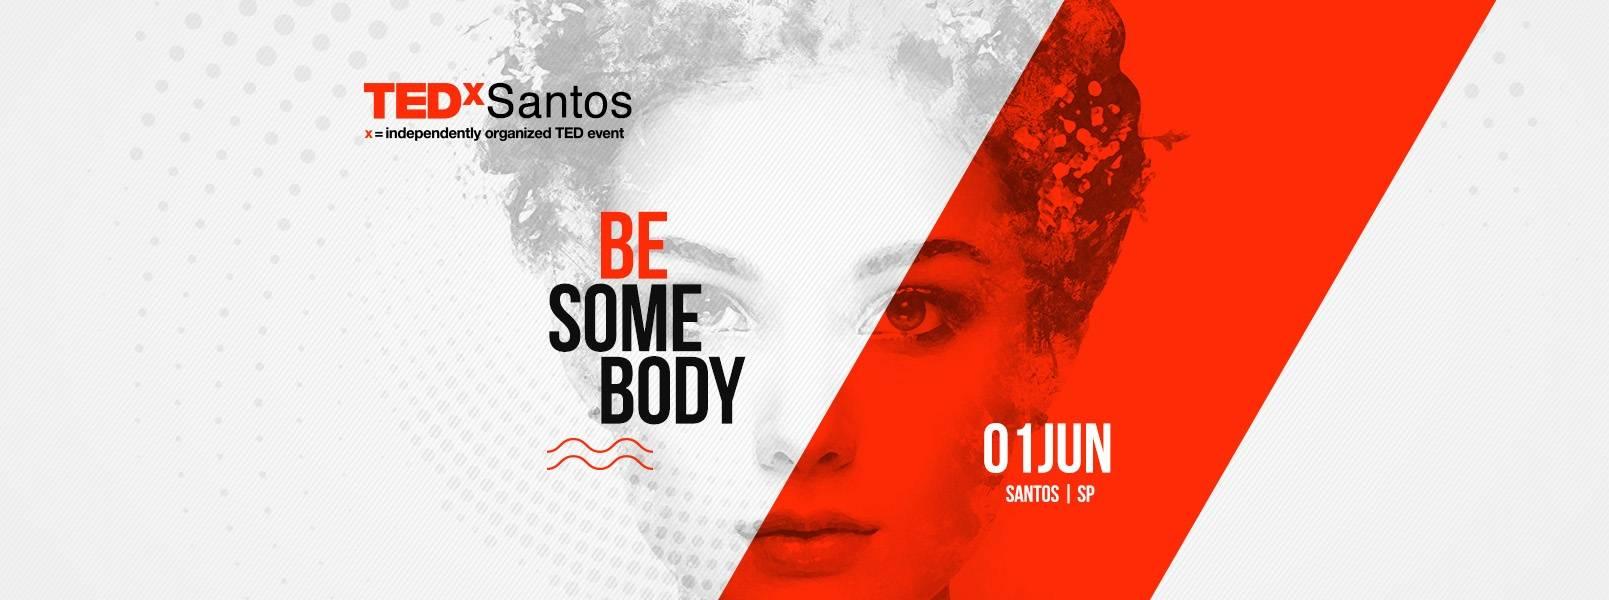 www.juicysantos.com.br - tedx santos